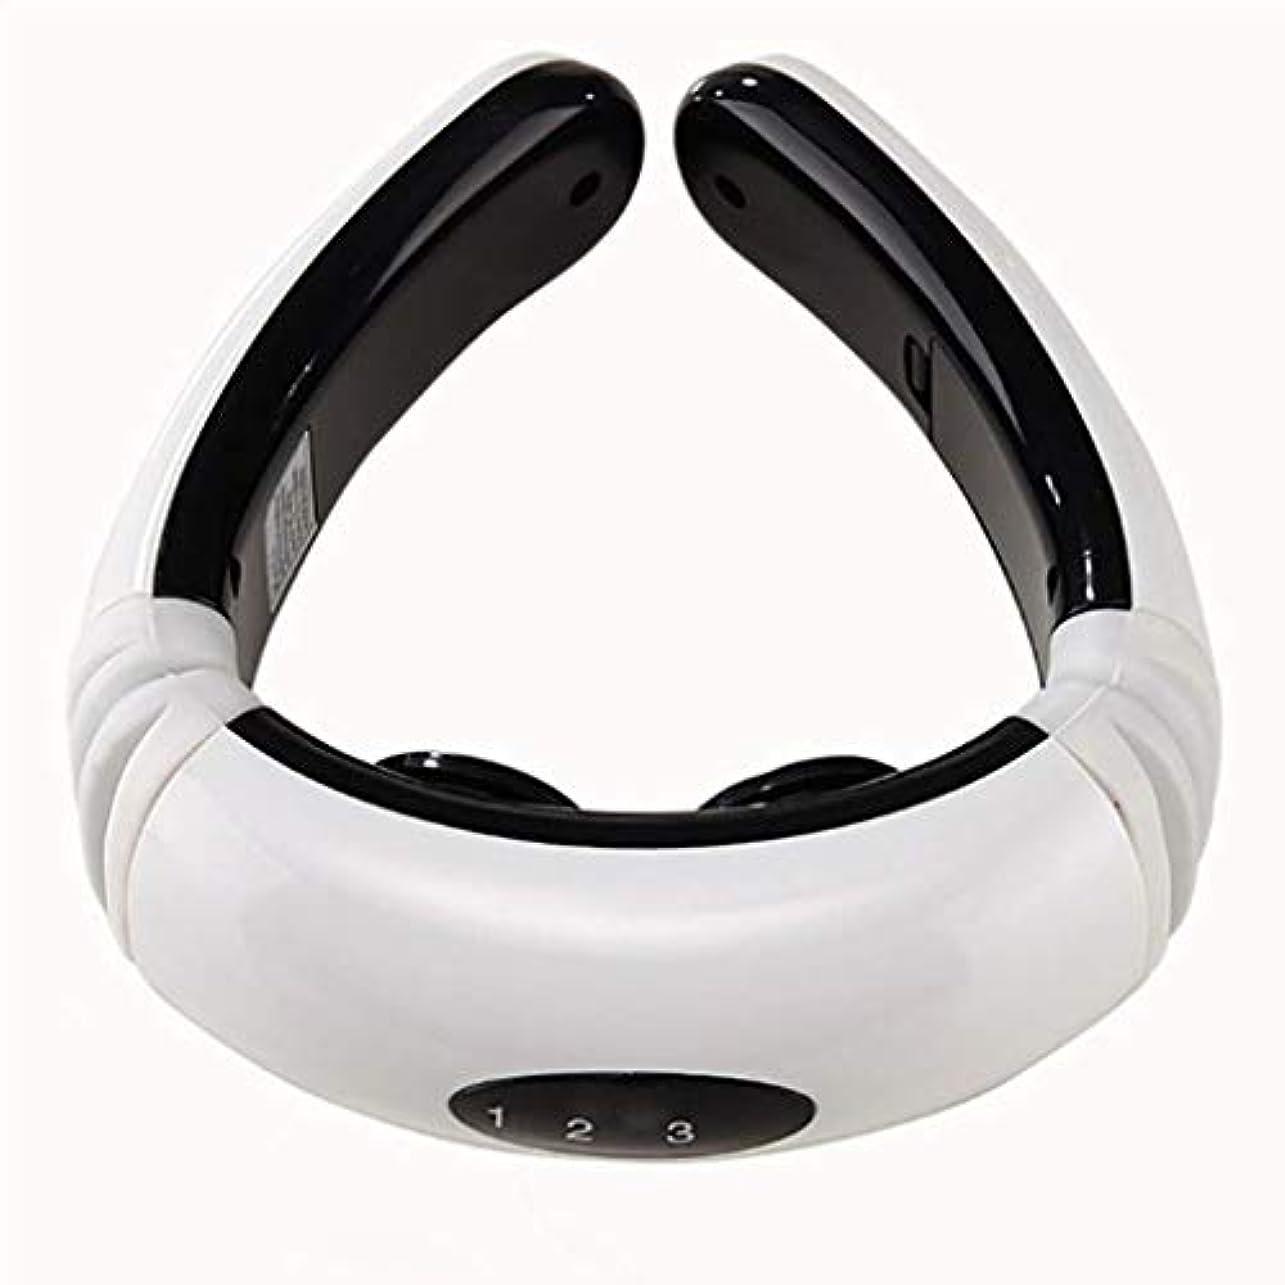 スピーチバイオリニスト汚染車ホームオフィスで使用されるネックマッサージャー、3D子宮頸マッサージ、Pulseパルスディープマッサージ、筋肉痛を和らげる、6モード、